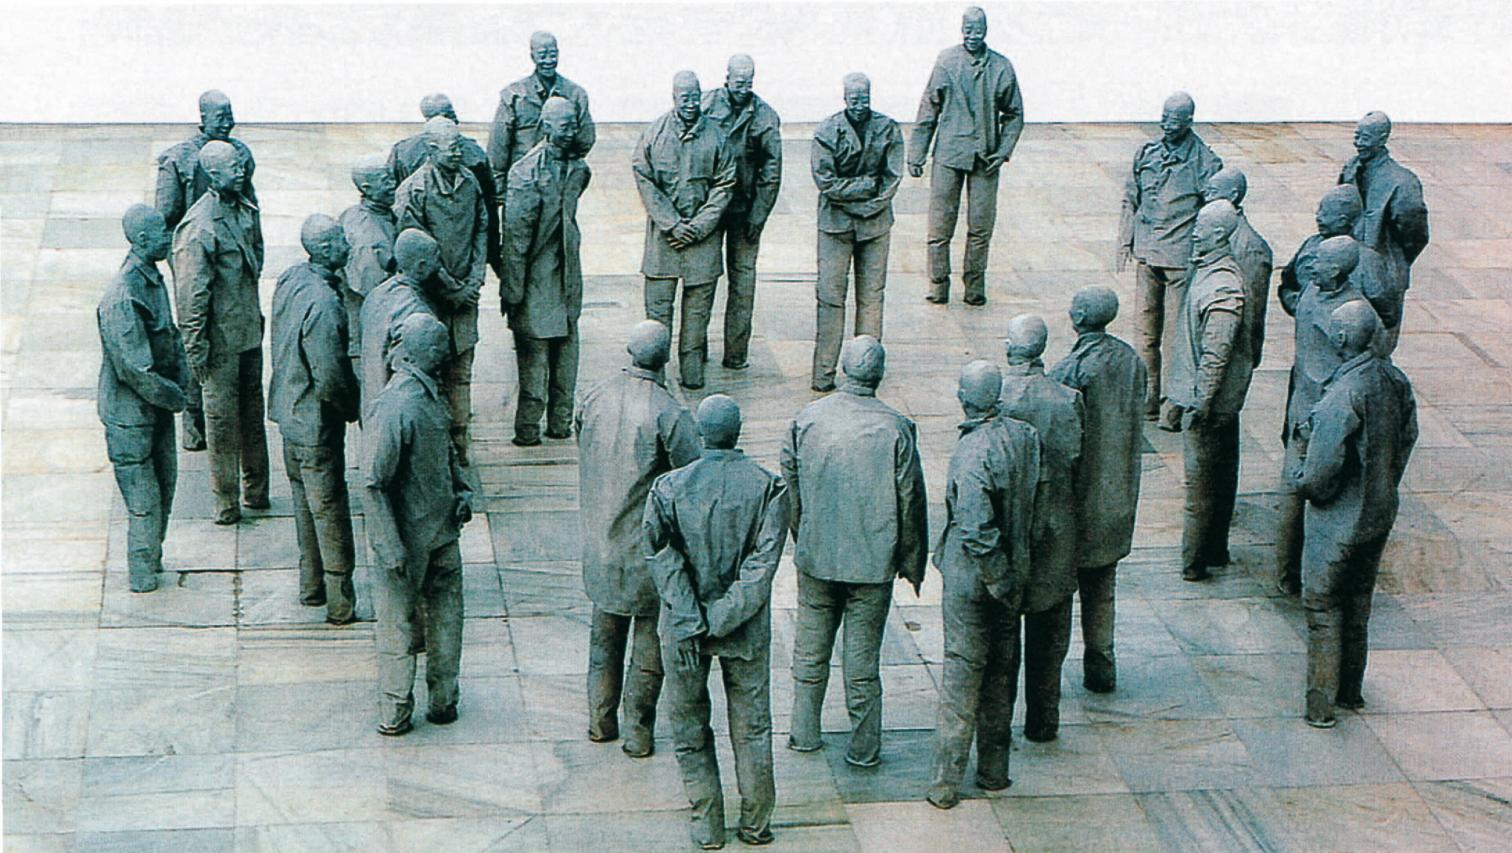 Juan Muñoz_Instalación de los chinos, 1995